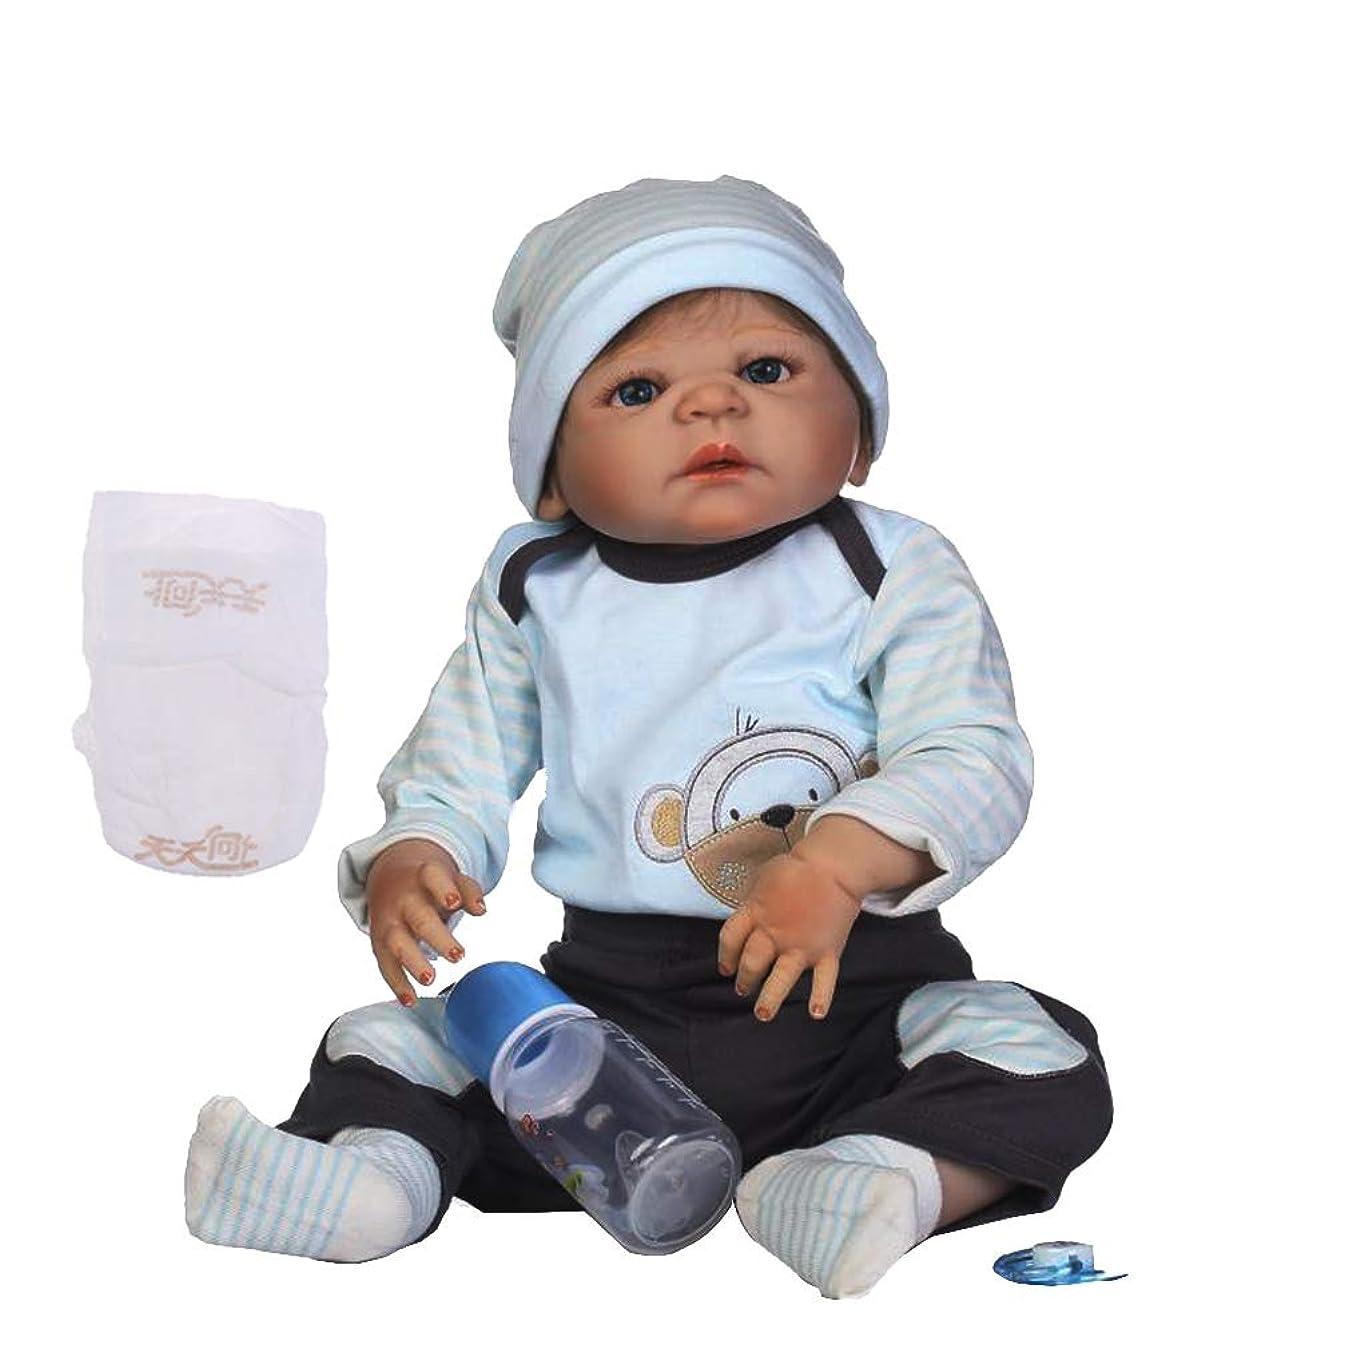 清める社員男らしいPerfeclan 赤ちゃん人形 22インチリボーンドール ベビードール 人形服 哺乳瓶 おしゃぶり 工芸品